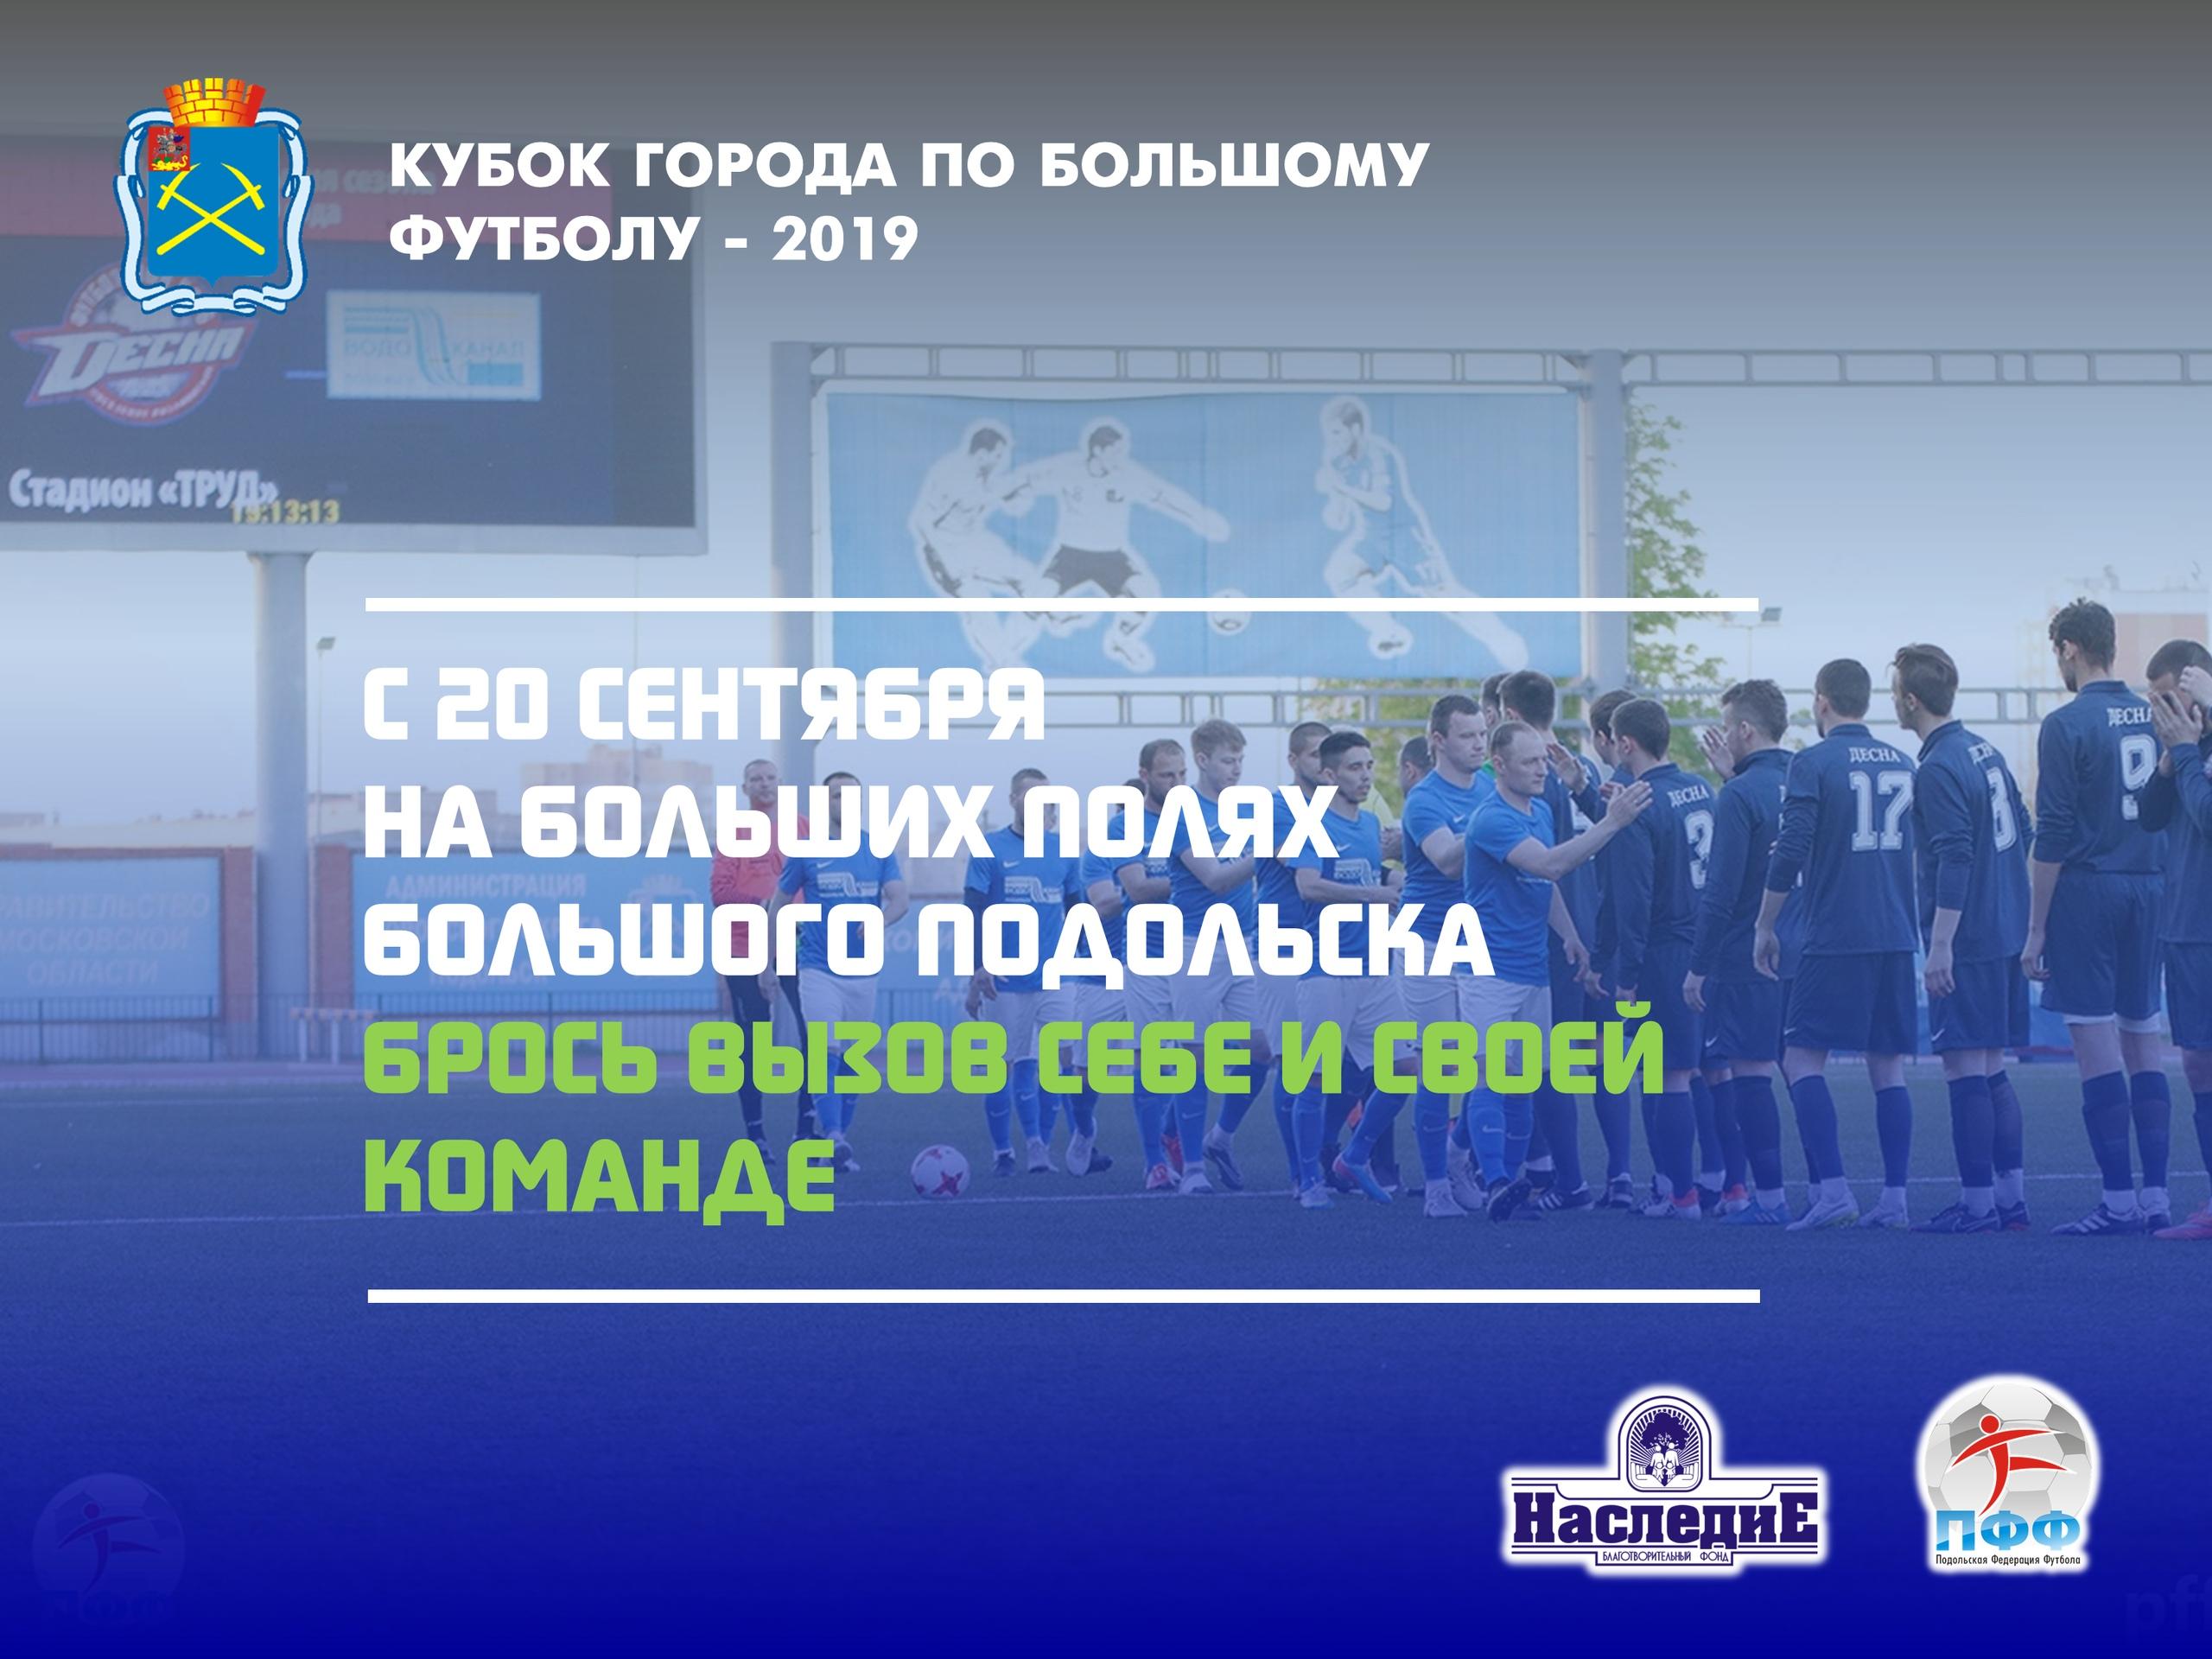 Кубок города Подольска по большому футболу начнется с середины сентября